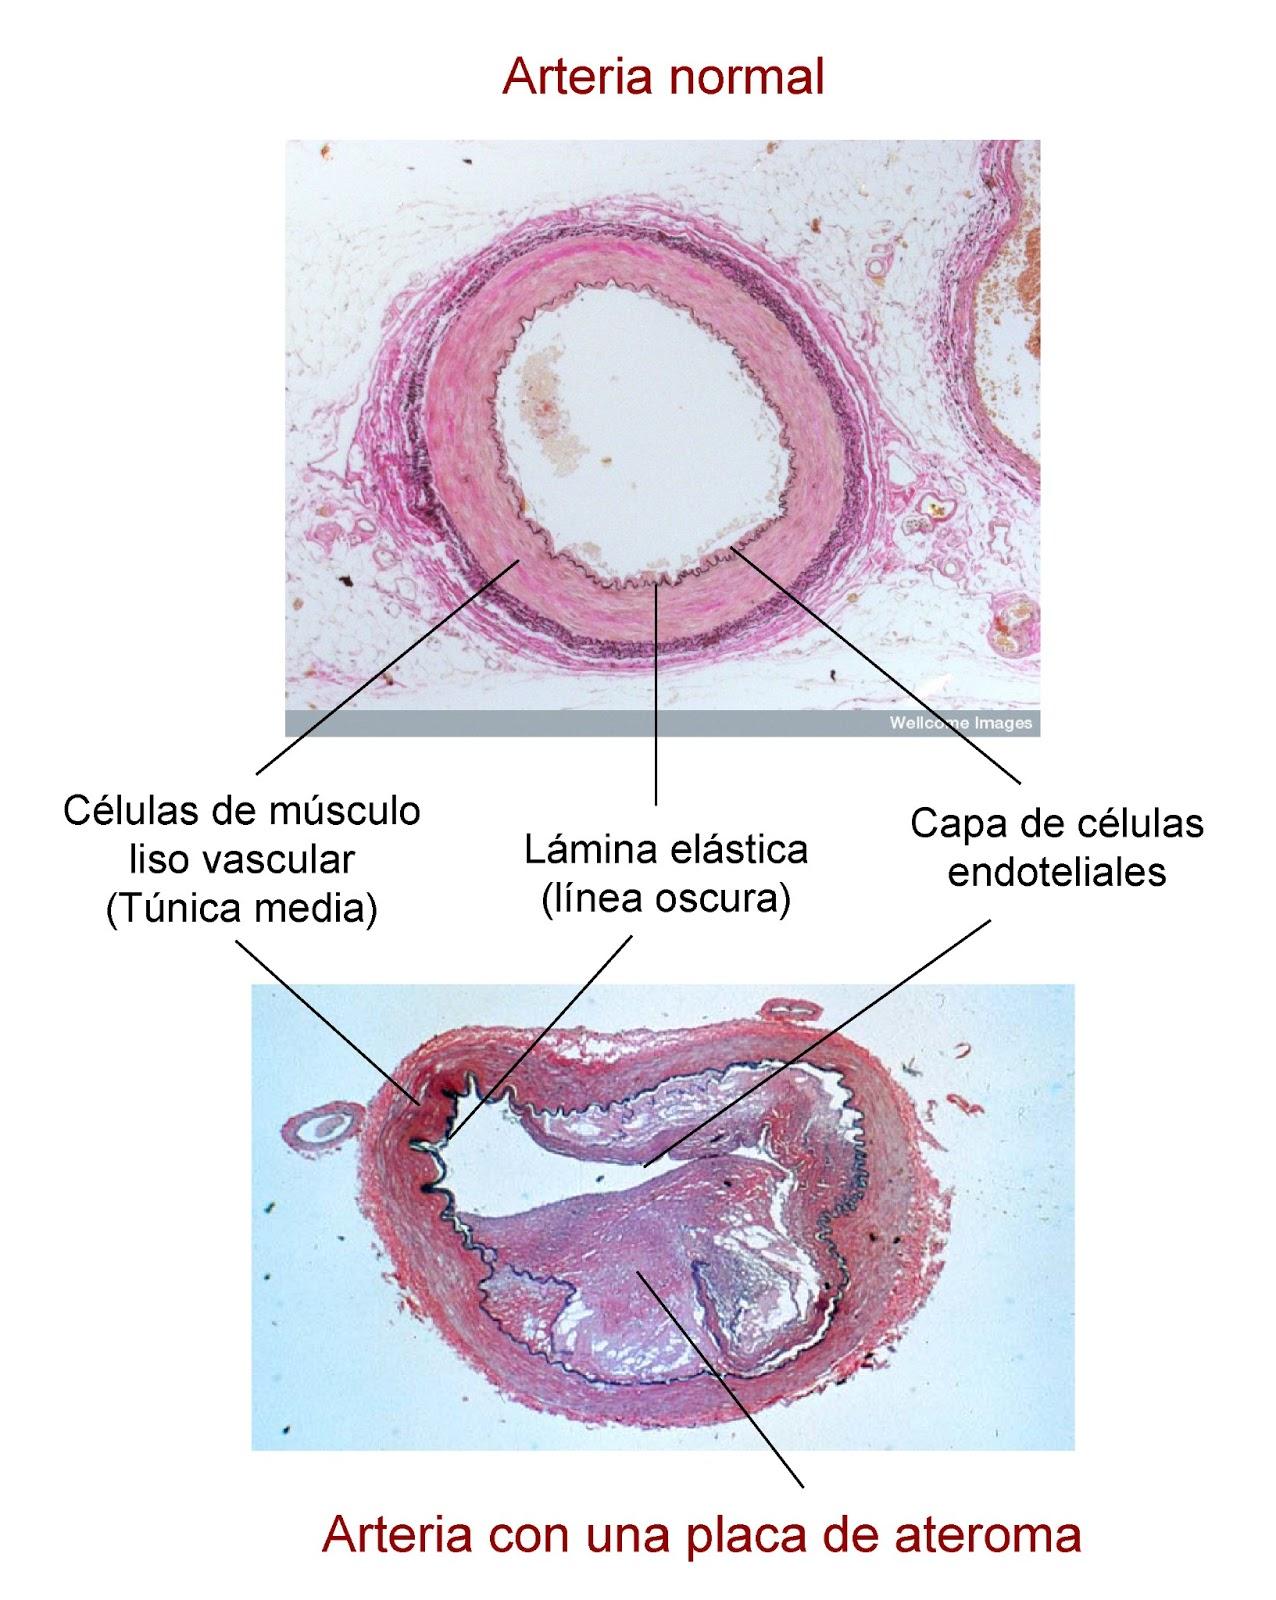 Arteria con una placa de ateroma en su interior